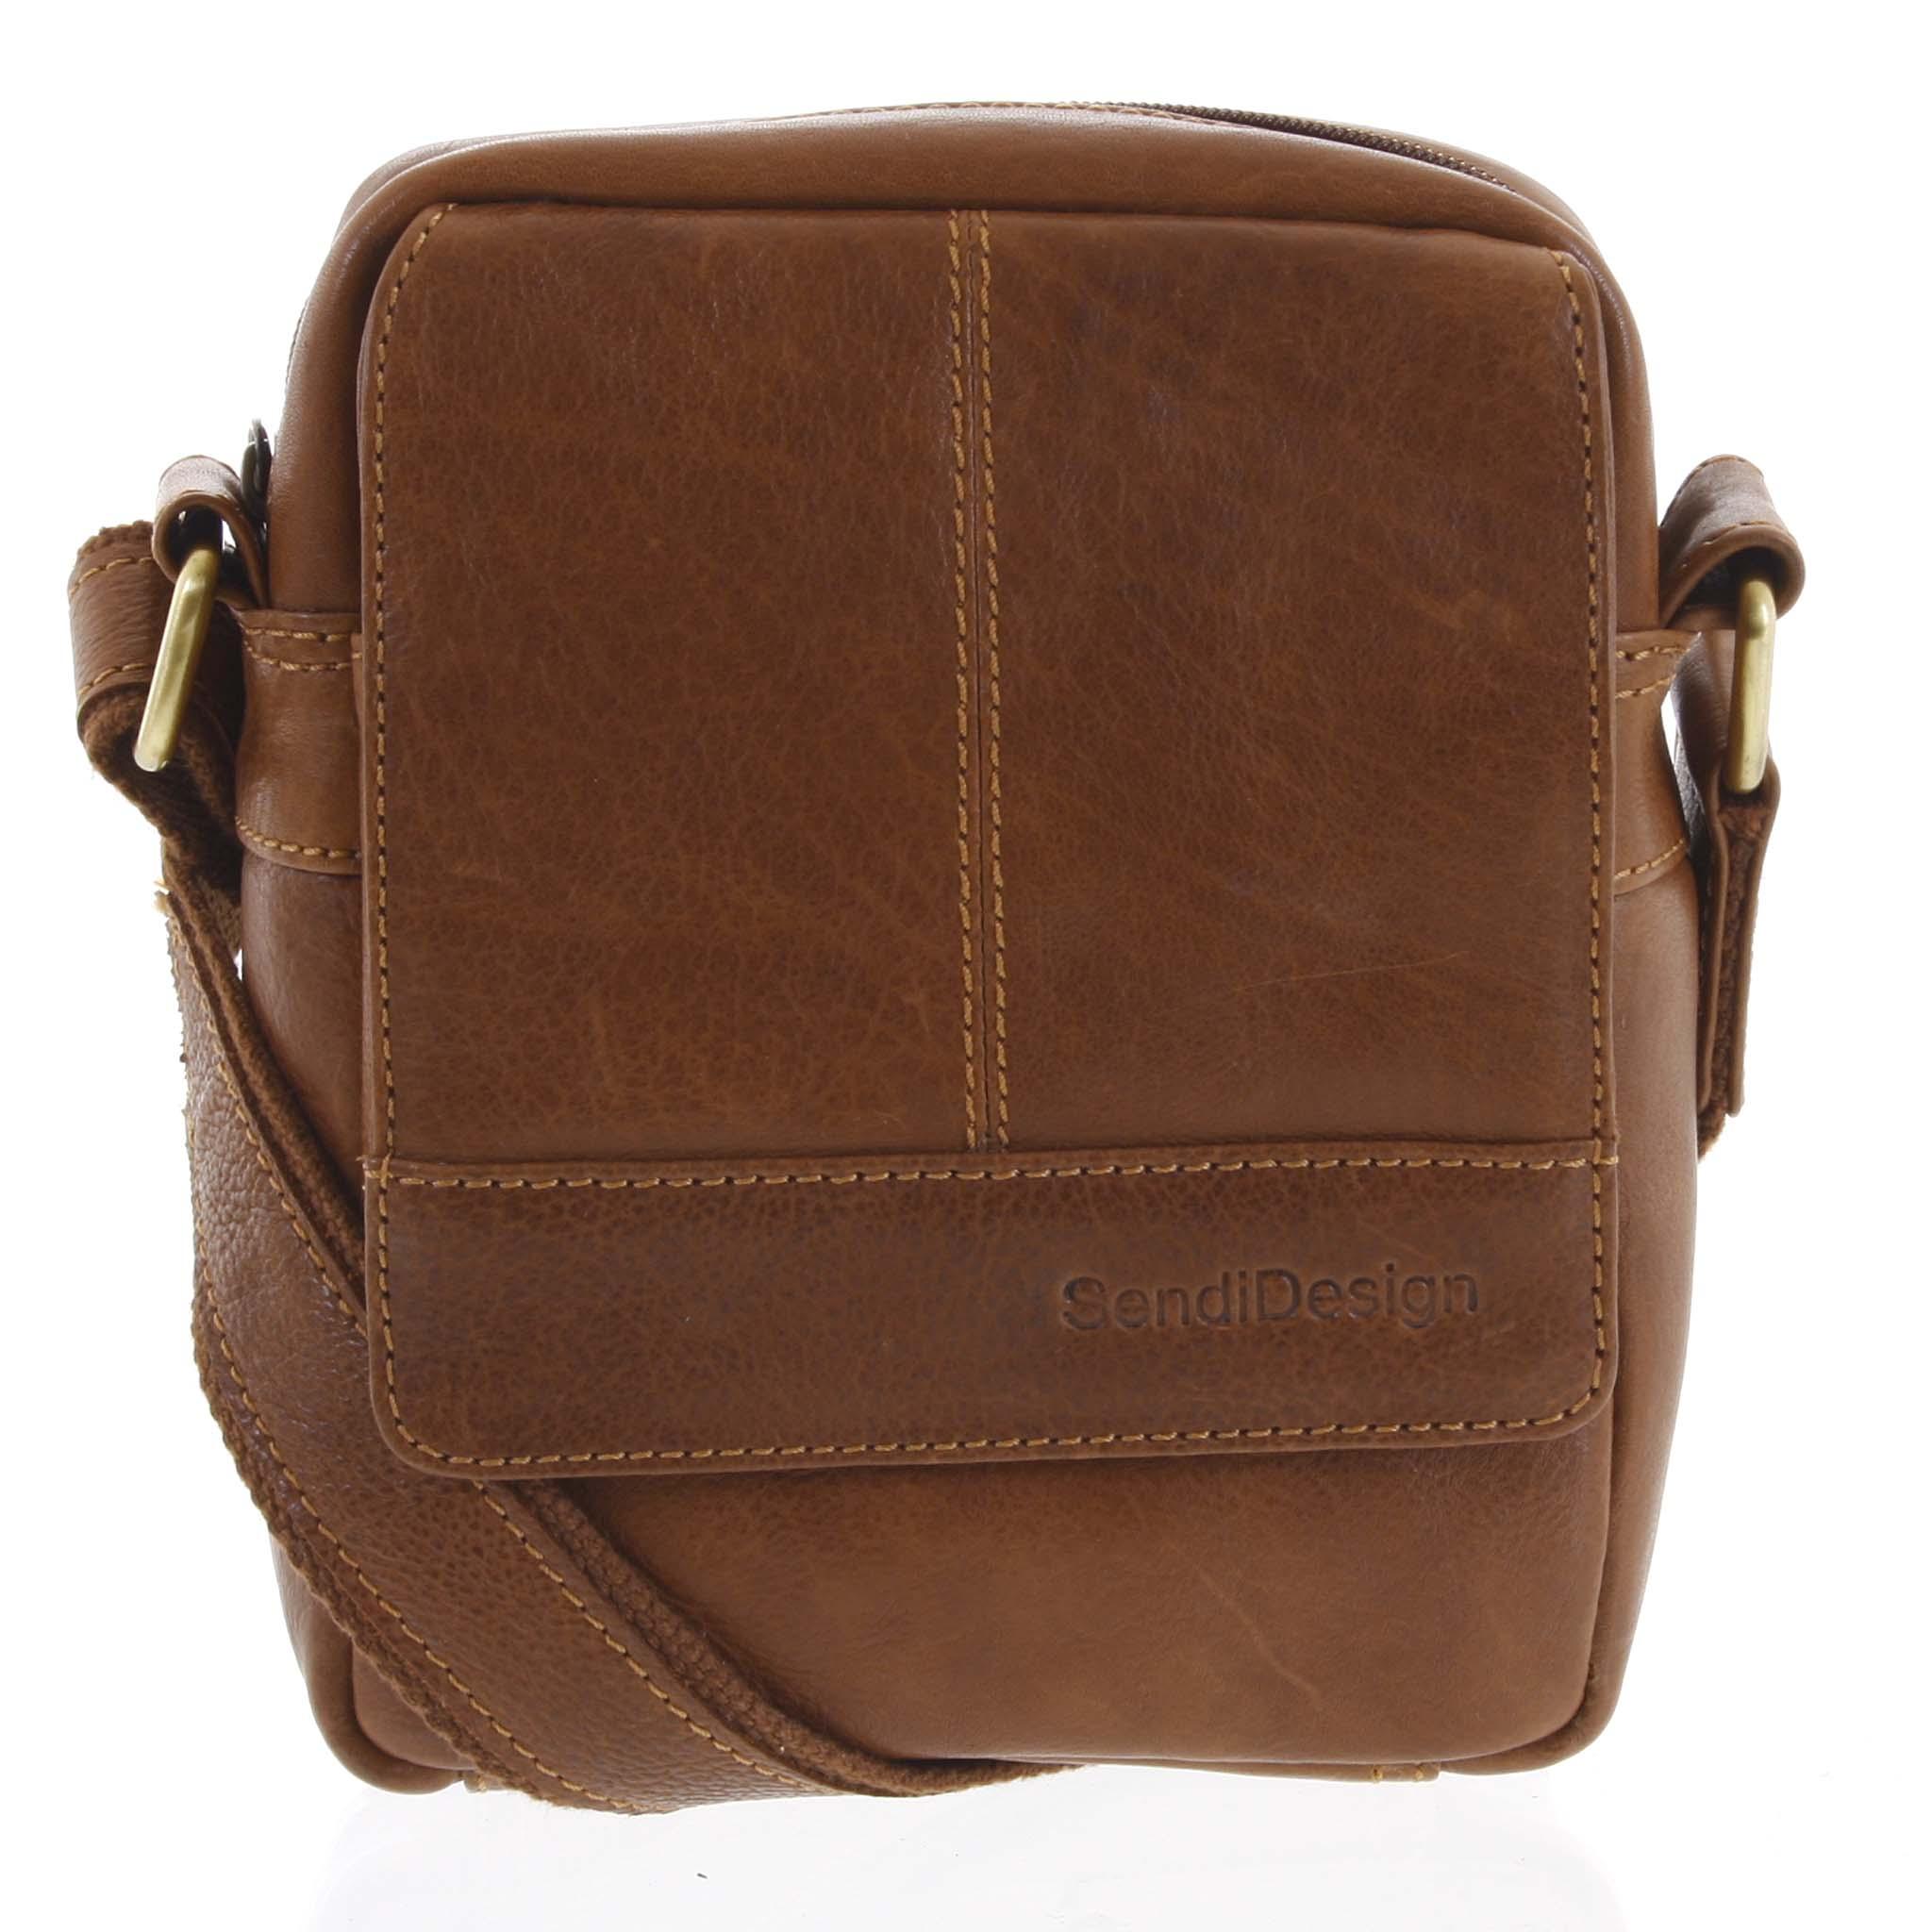 Pánska kožená crossbody taška na doklady hnedá - SendiDesign Niall